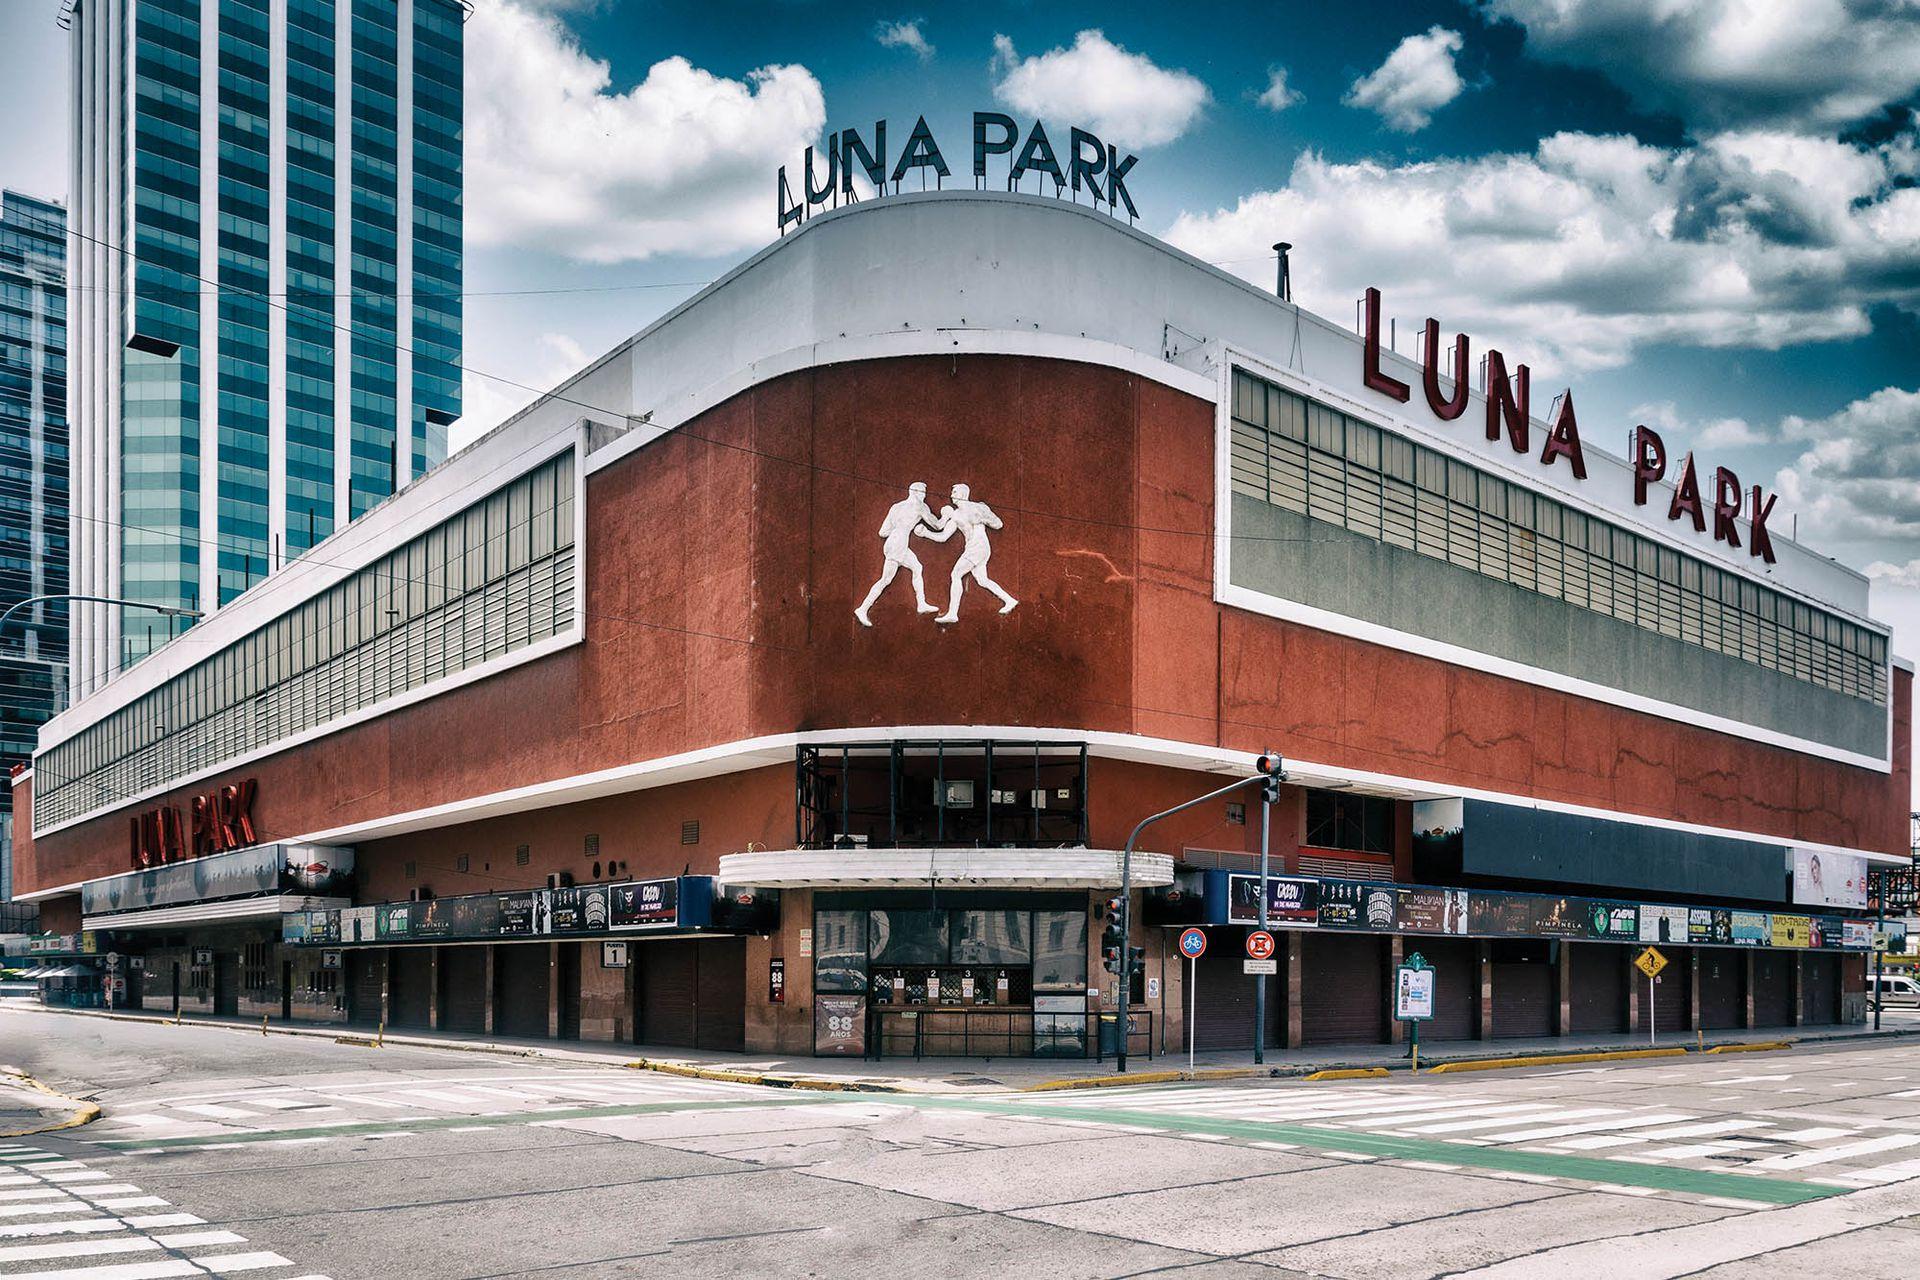 Desde hace 90 años, el Luna Park se reinventa para poder albergar todo tipo de veladas deportivas, artísticas, políticas y hasta sociales.